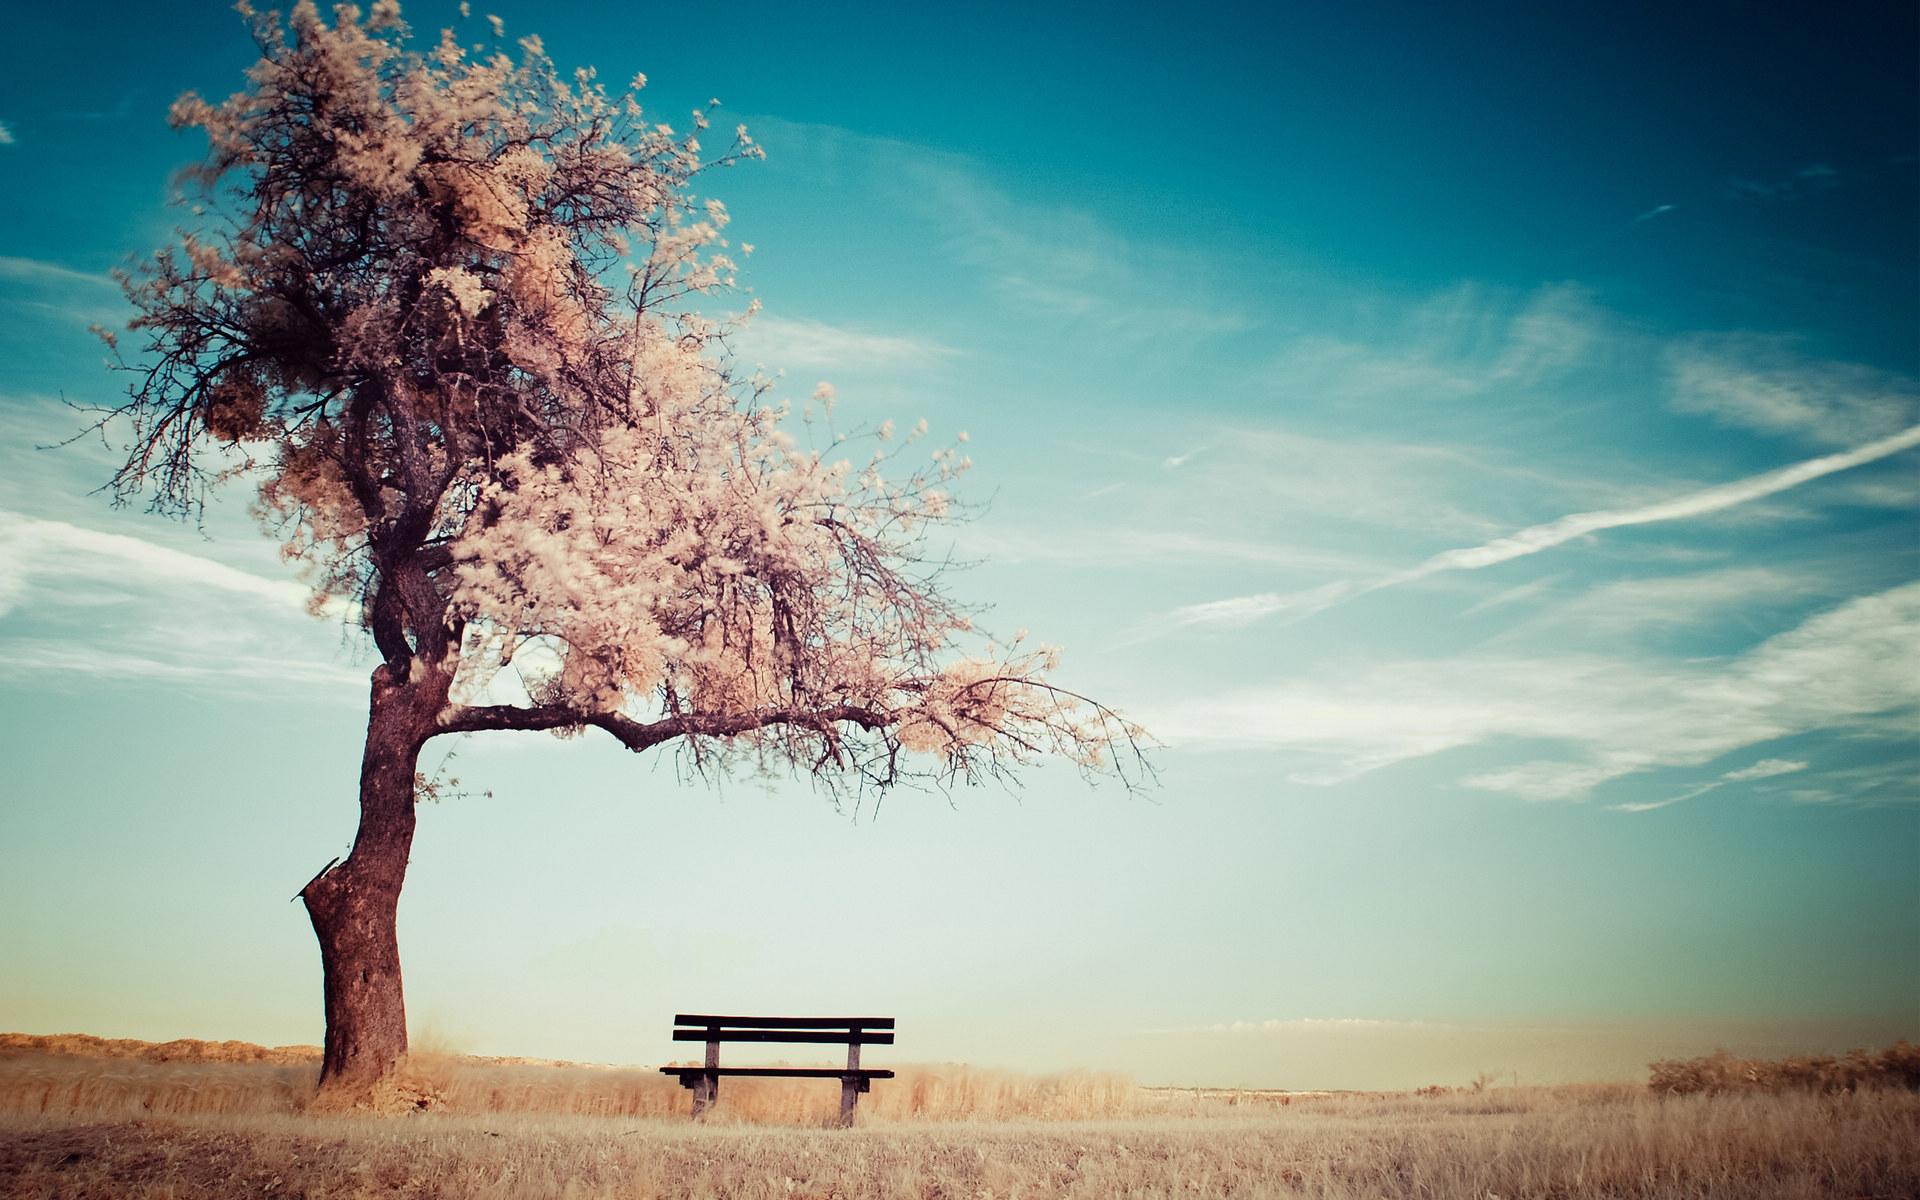 孤独的长椅唯美风景桌面壁纸大全